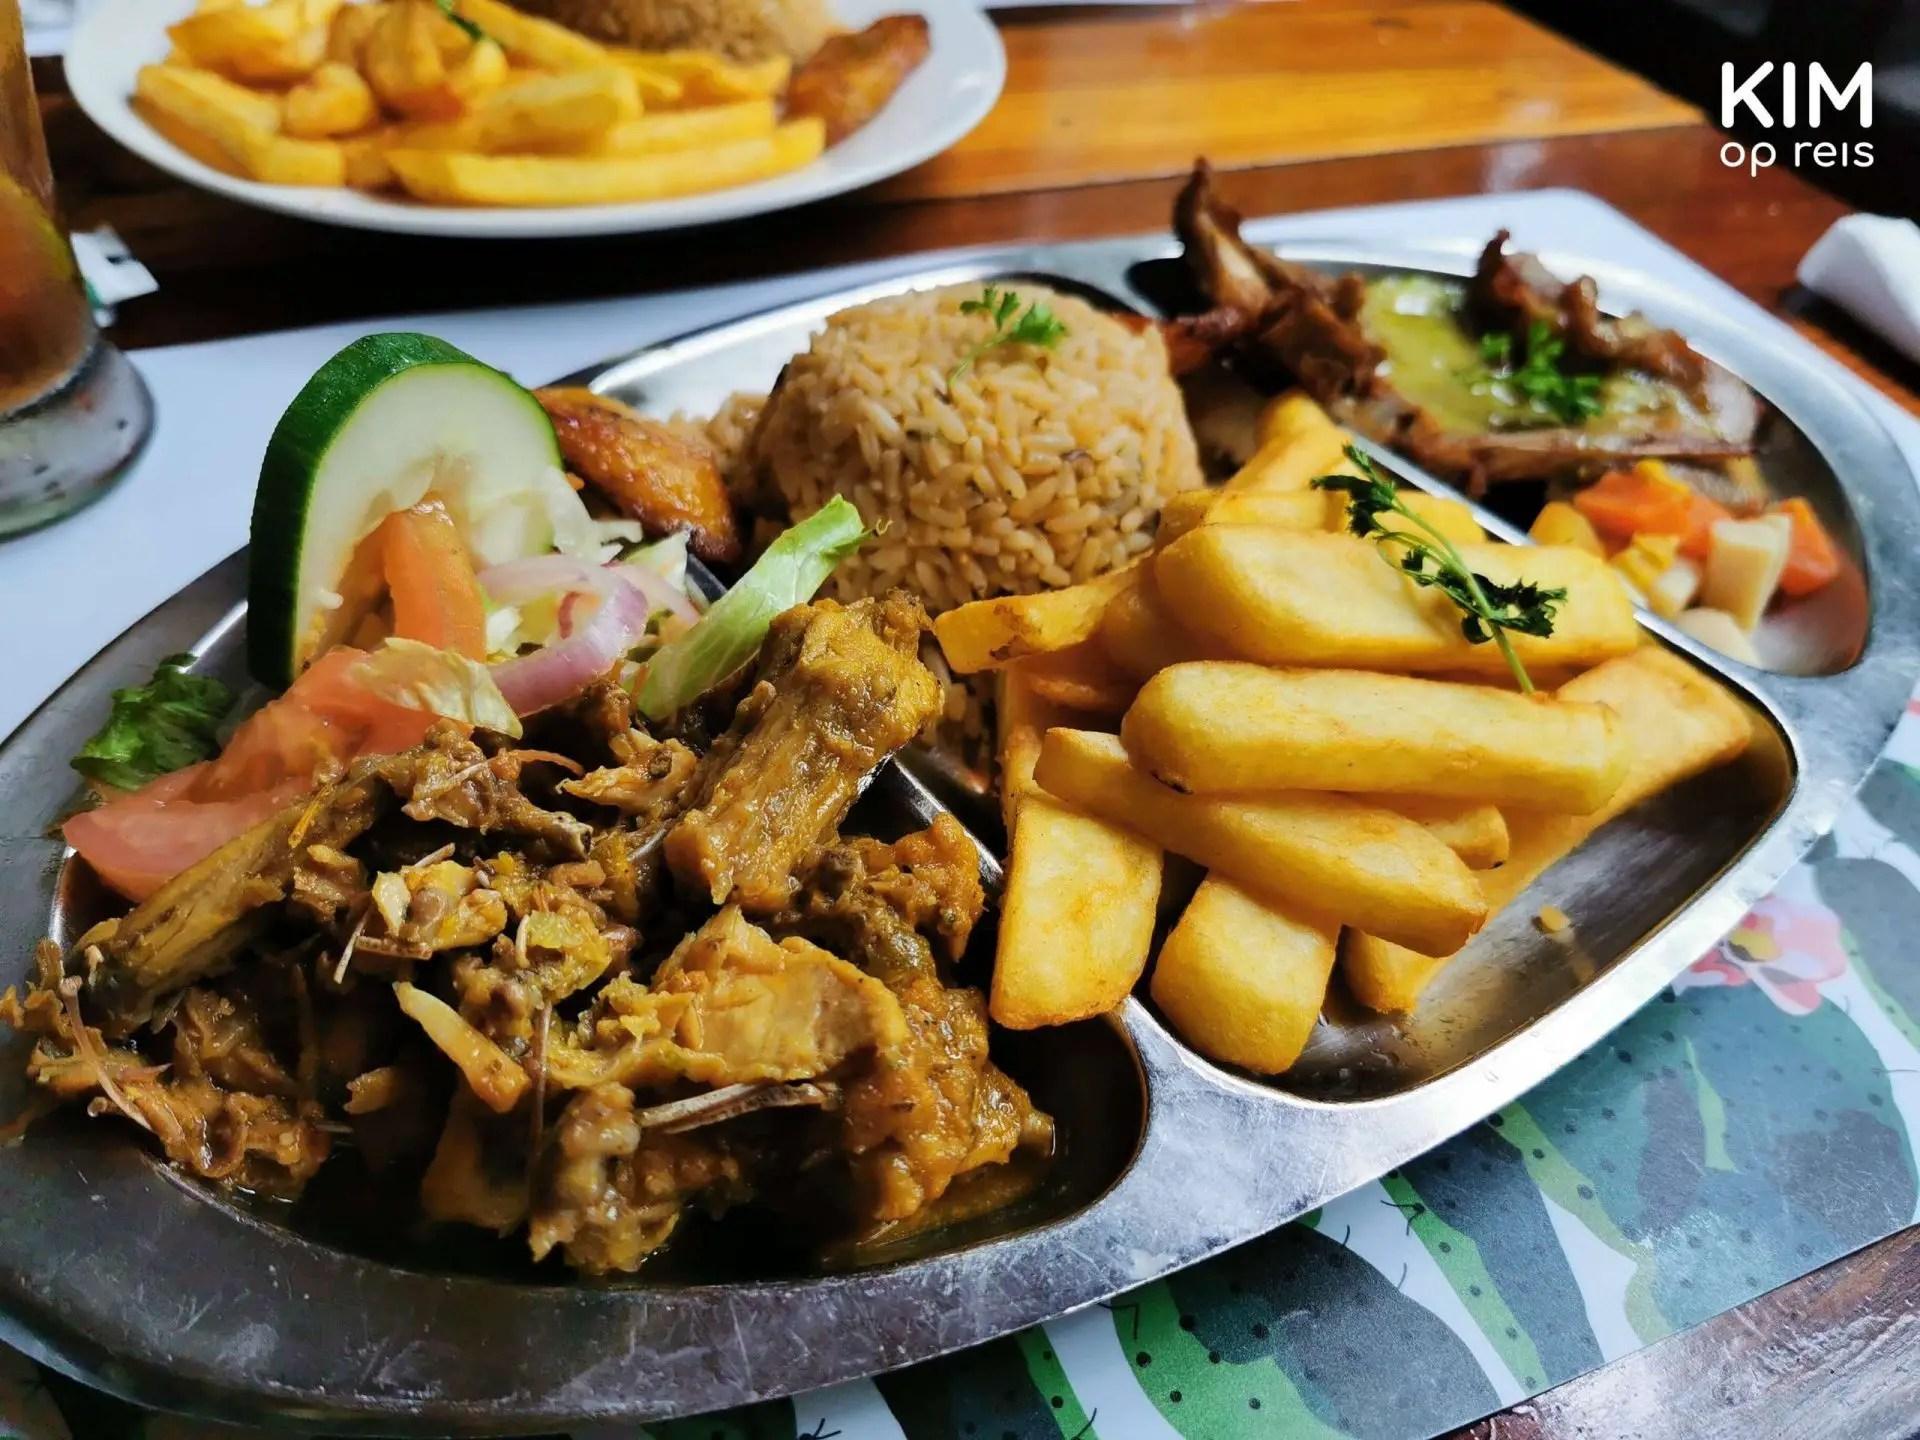 Leguaan restaurant Jaanchi Curaçao: rvs bord met vakjes voor het eten